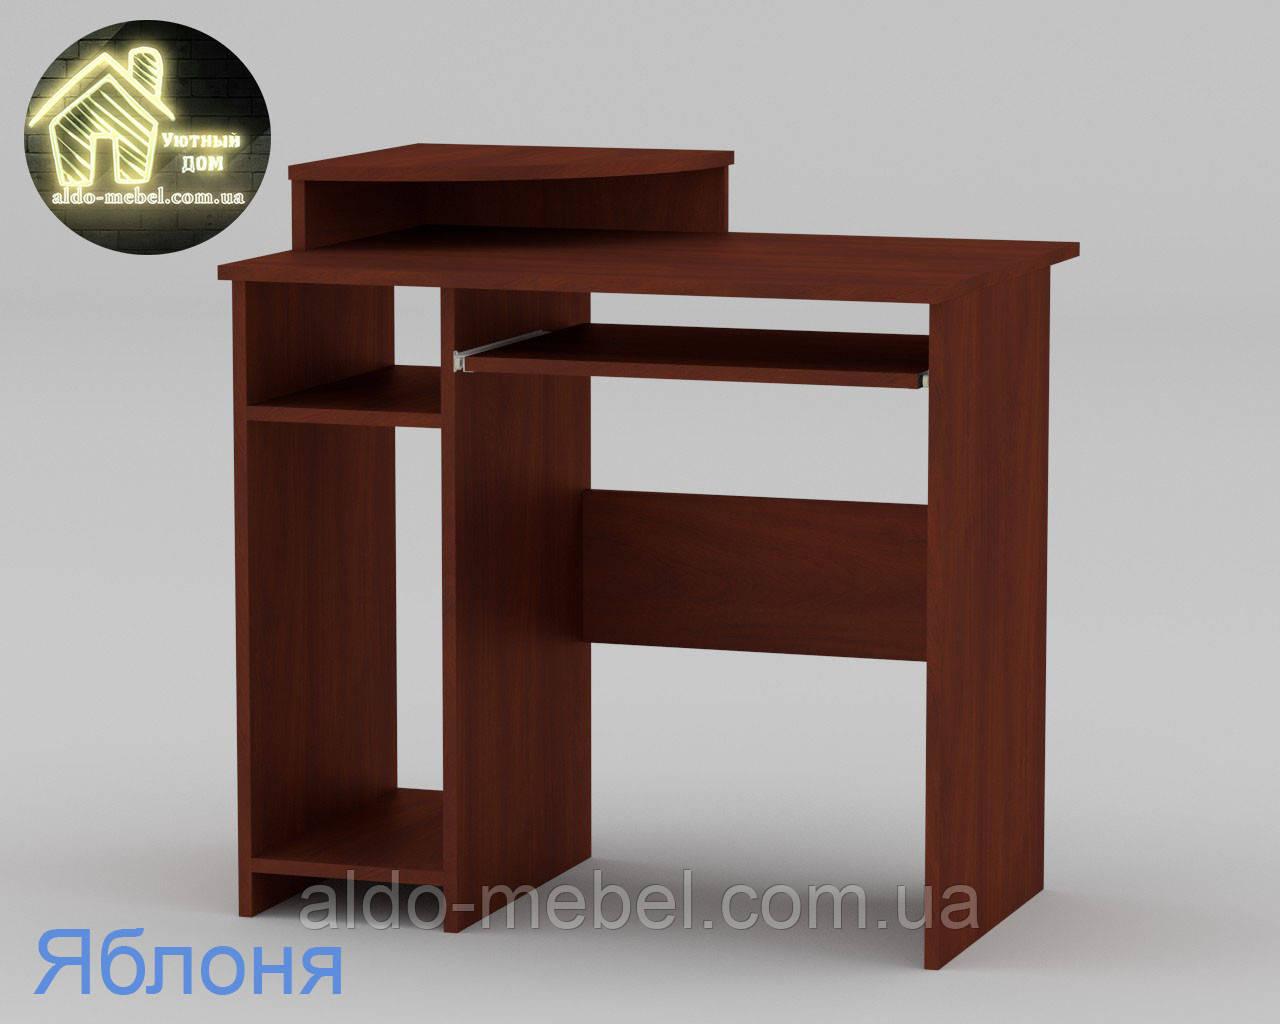 Стол компьютерный СКМ - 1 Габариты Ш - 820 мм; В - 736 + 96 мм; Г - 600 мм (Компанит)